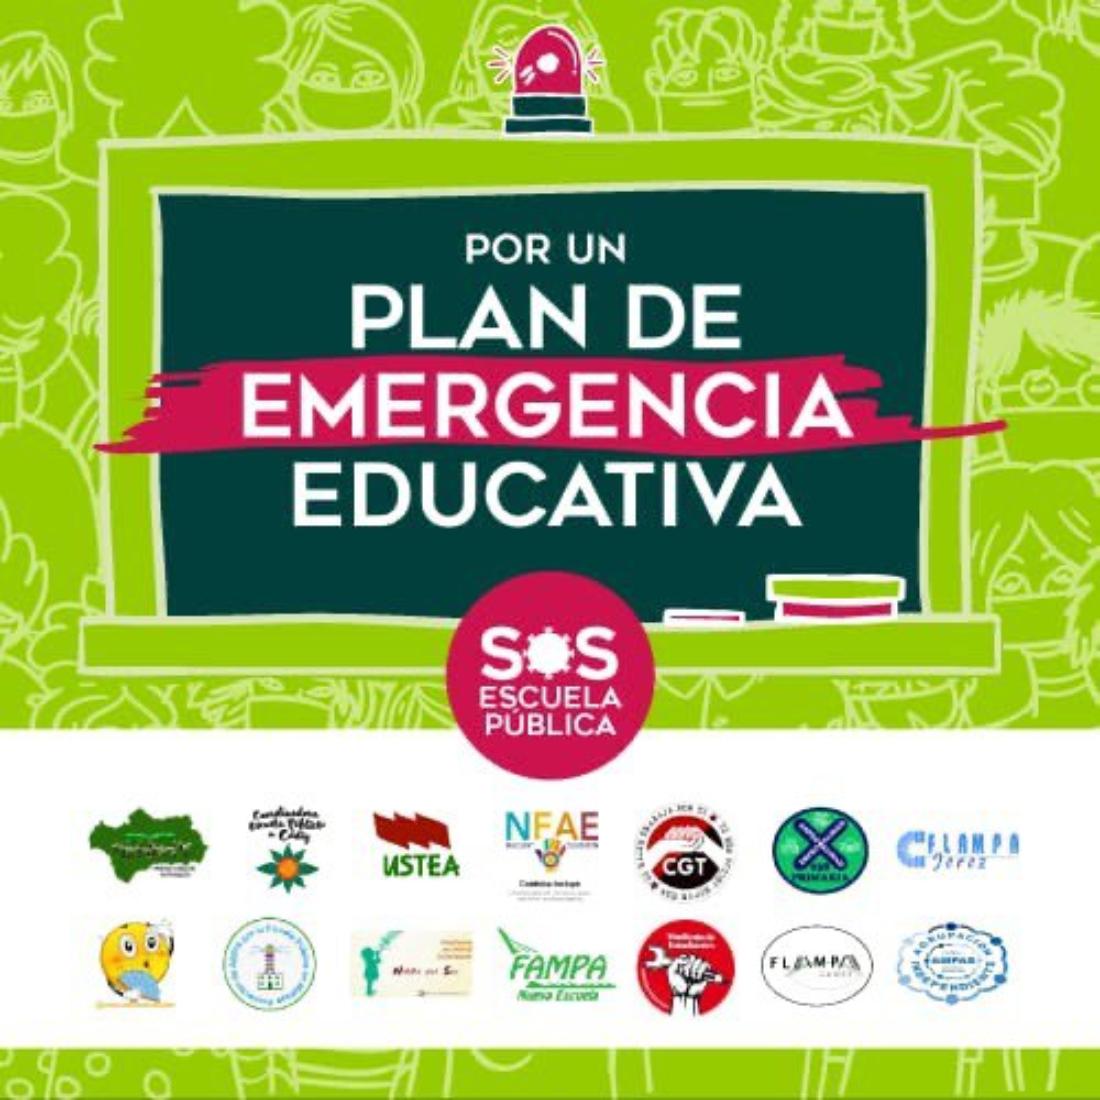 Un plan de choque y un cambio de rumbo para la educación pública